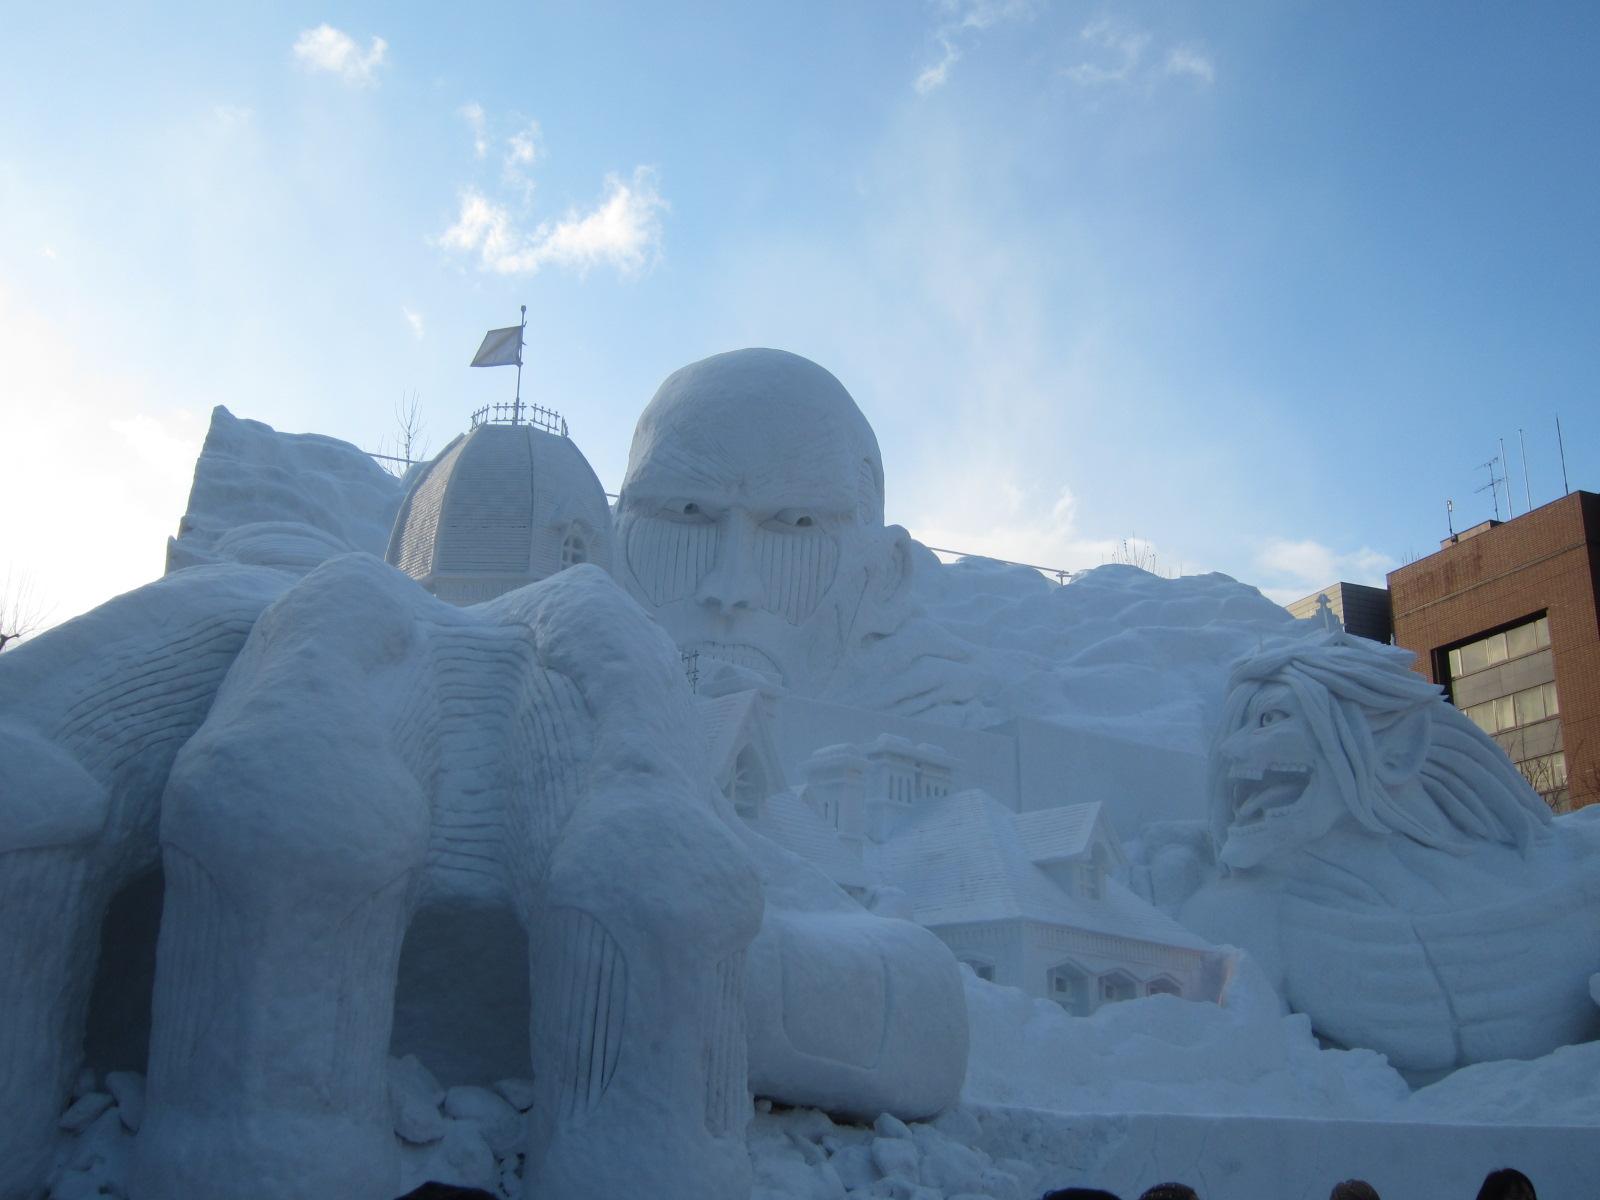 IMG 0021 - 初日から行ってきました、大雪像からご紹介【札幌雪祭り2016Part01】